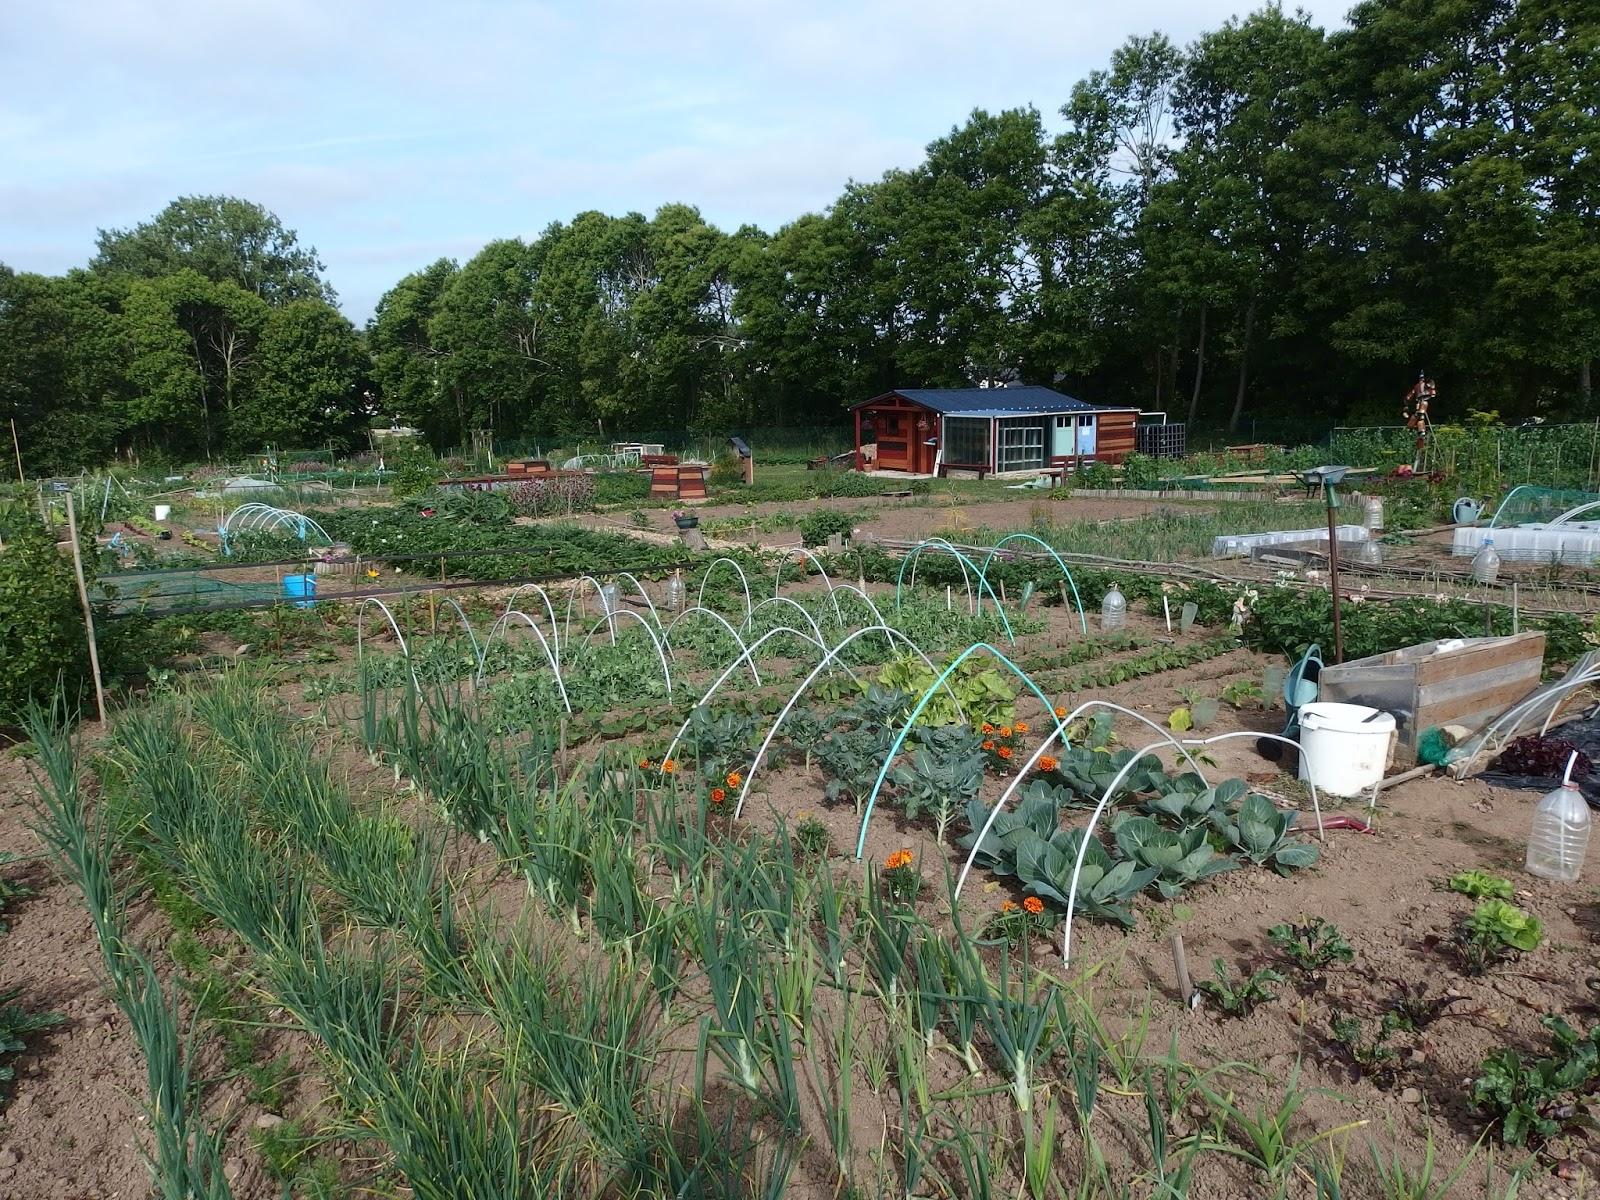 Les jardins familiaux de feunteun don 2015 06 14 for Jardin familiaux